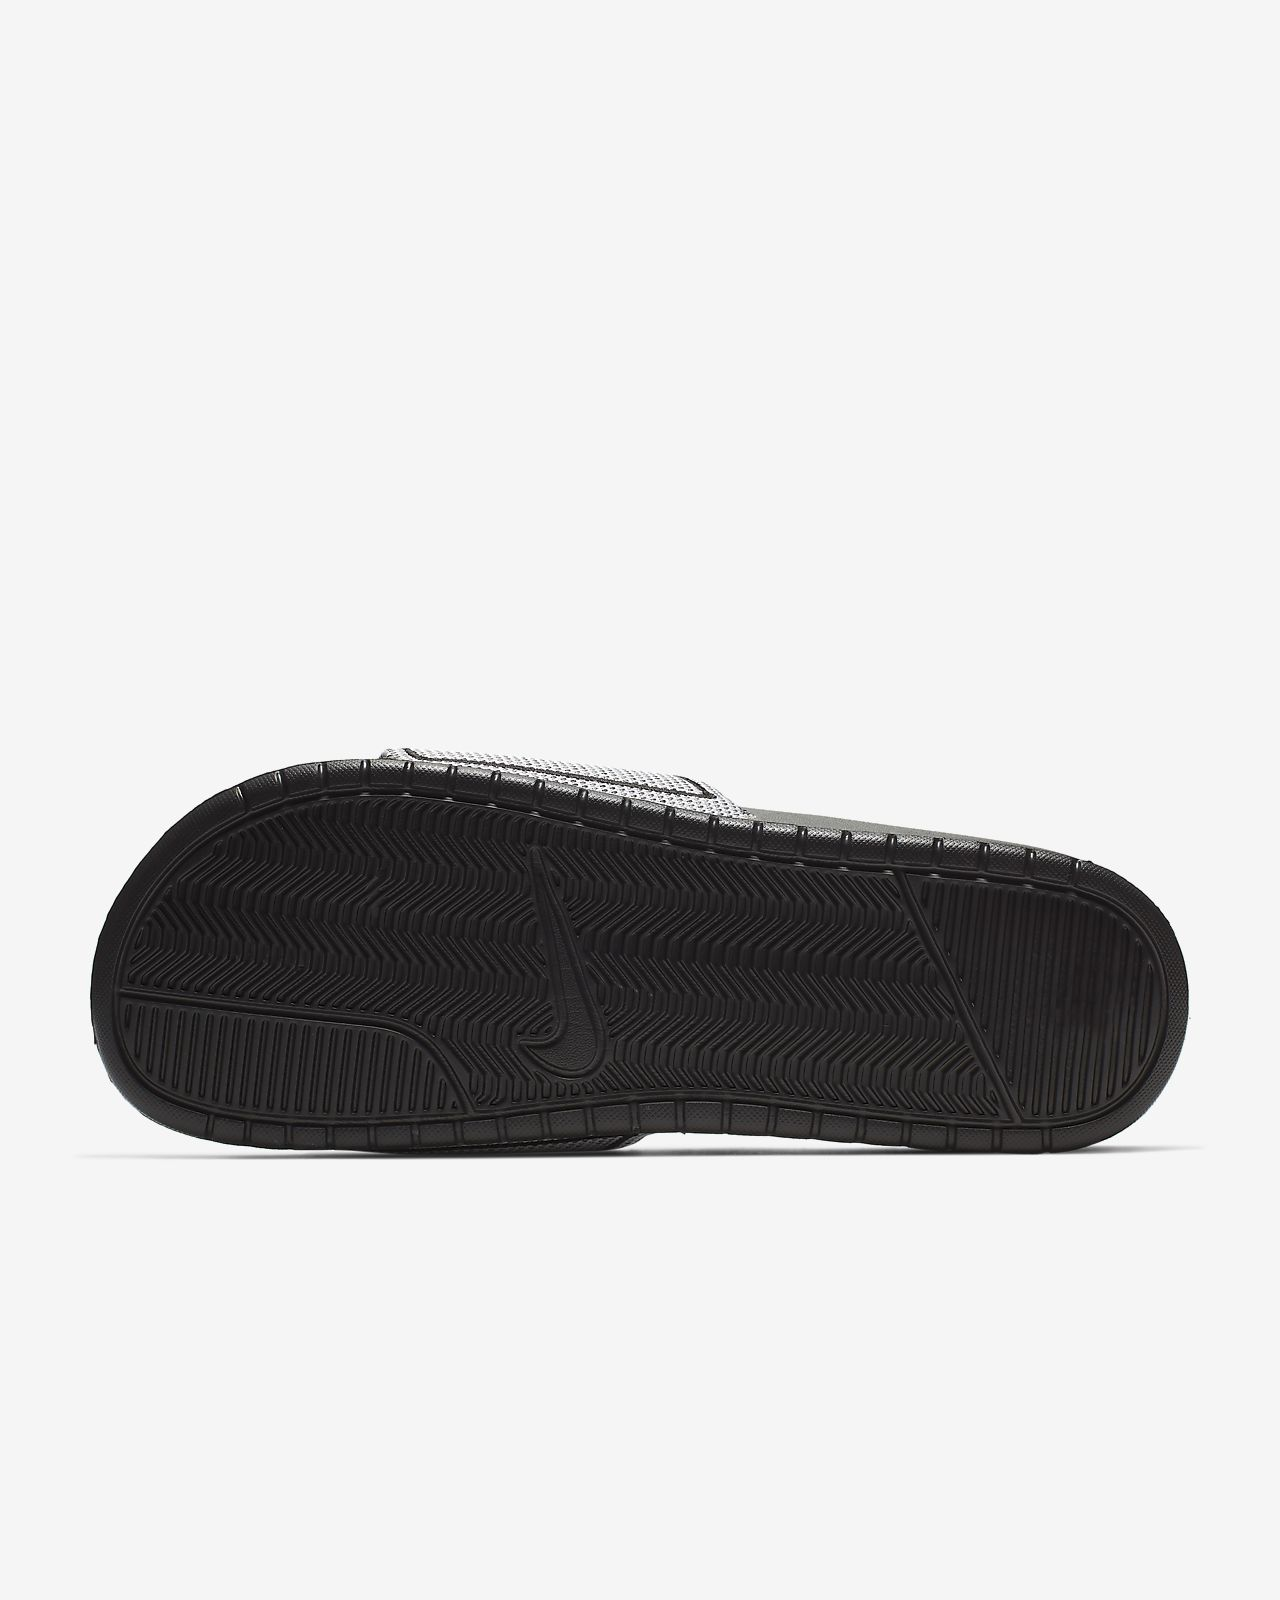 1ab0de34ae22 Nike Benassi JDI TXT SE Men s Slide. Nike.com